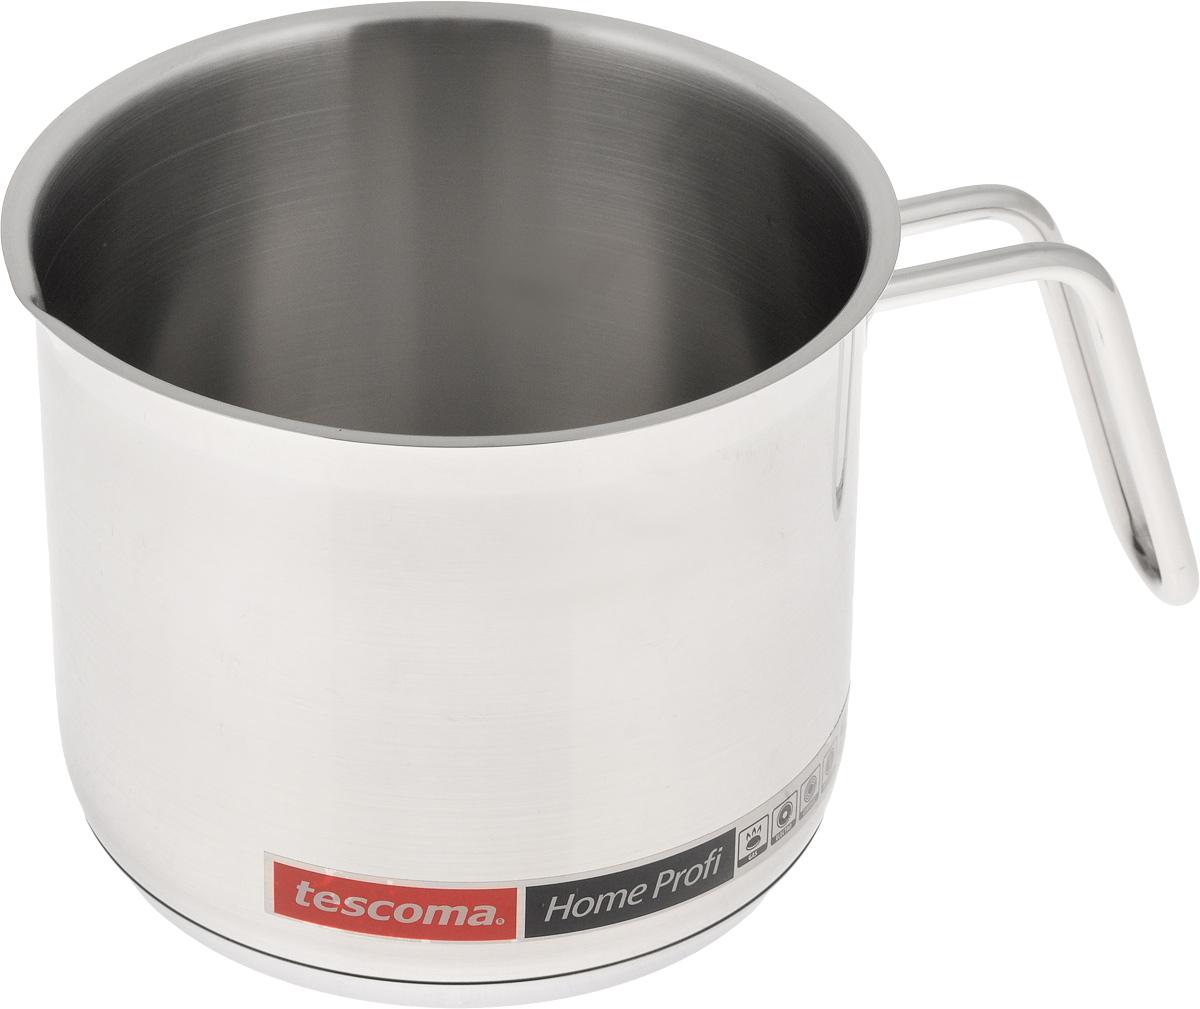 Ковш для молока Tescoma Home Profi, 1,8 л774446Ковш Tescoma Home Profi, изготовленный из первоклассной нержавеющей стали 18/10 с матовой полировкой, идеально подходит для кипячения молока, приготовления соусов и горячего шоколада. В таком ковше продукты не липнут к стенкам, равномерно приготавливаются, сохраняя все полезные микроэлементы. Тепло с плиты передается внутрь посуды постепенно, без скачков и равномерно по целой площади дна. Ковш снабжен массивной, и, вместе с тем, удобной рукояткой из нержавеющей стали, которая принимает на себя очень мало тепла. Массивное трехслойное термораспределительное дно способствует равномерному и быстрому нагреву, а также препятствует деформации ковша при длительном использовании. Подходит для использования на газовых, электрических, стеклокерамических и индукционных плитах. Можно мыть с применением обычных моющих средств, избегая при этом использования агрессивных химических веществ, абразивных и острых предметов, проволочных губок. ...